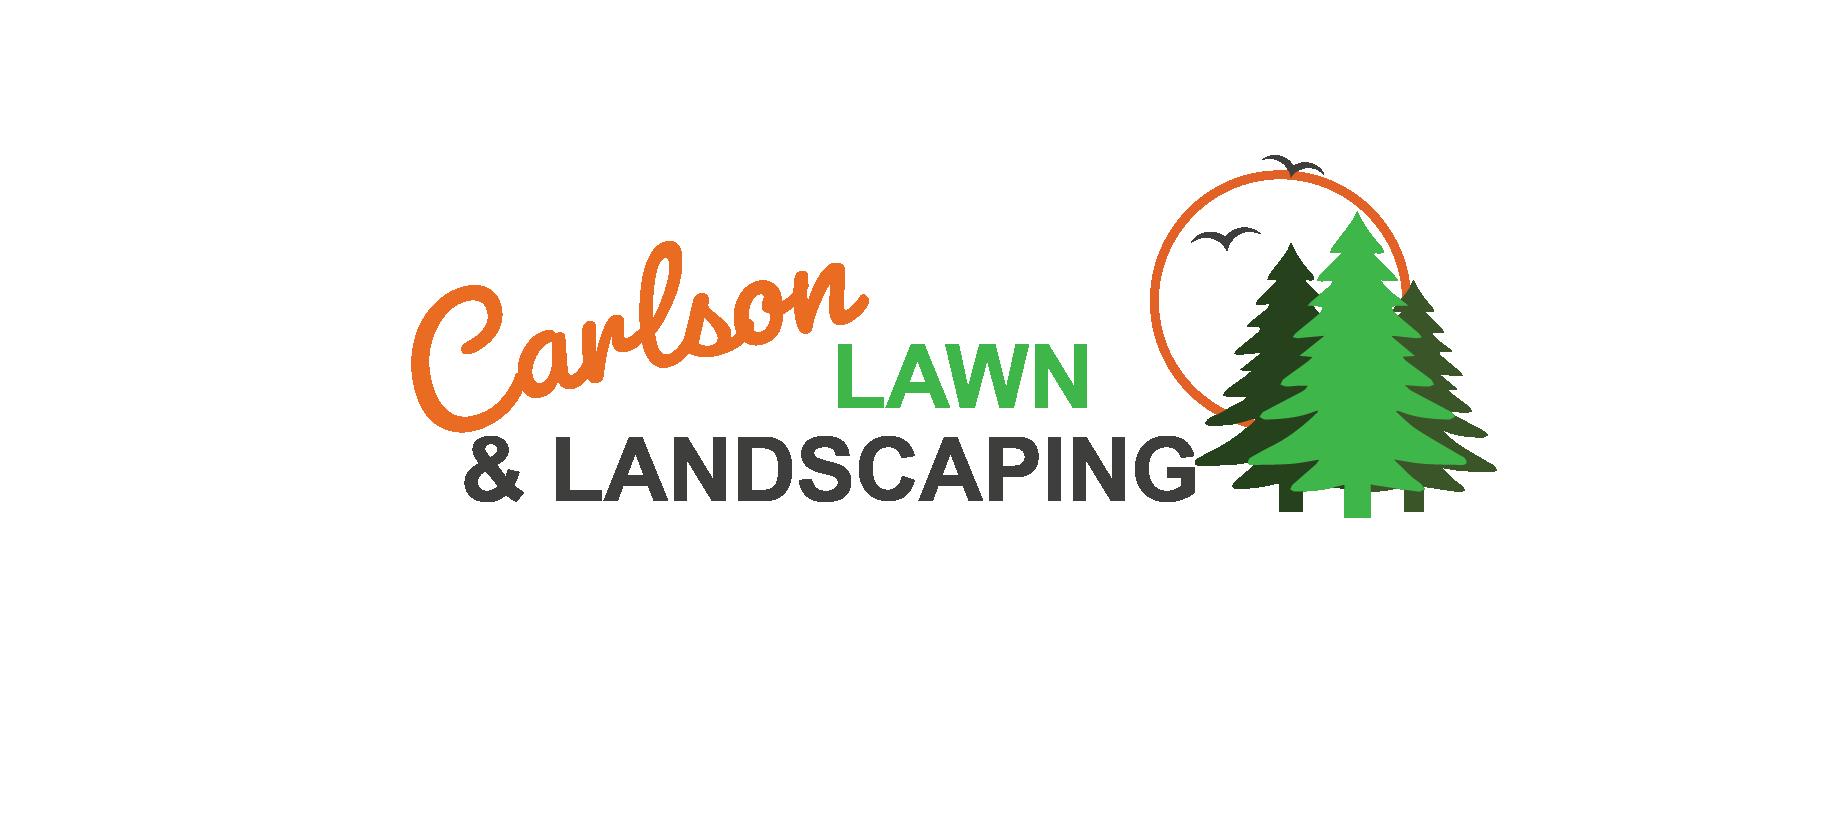 Carlson Lawn